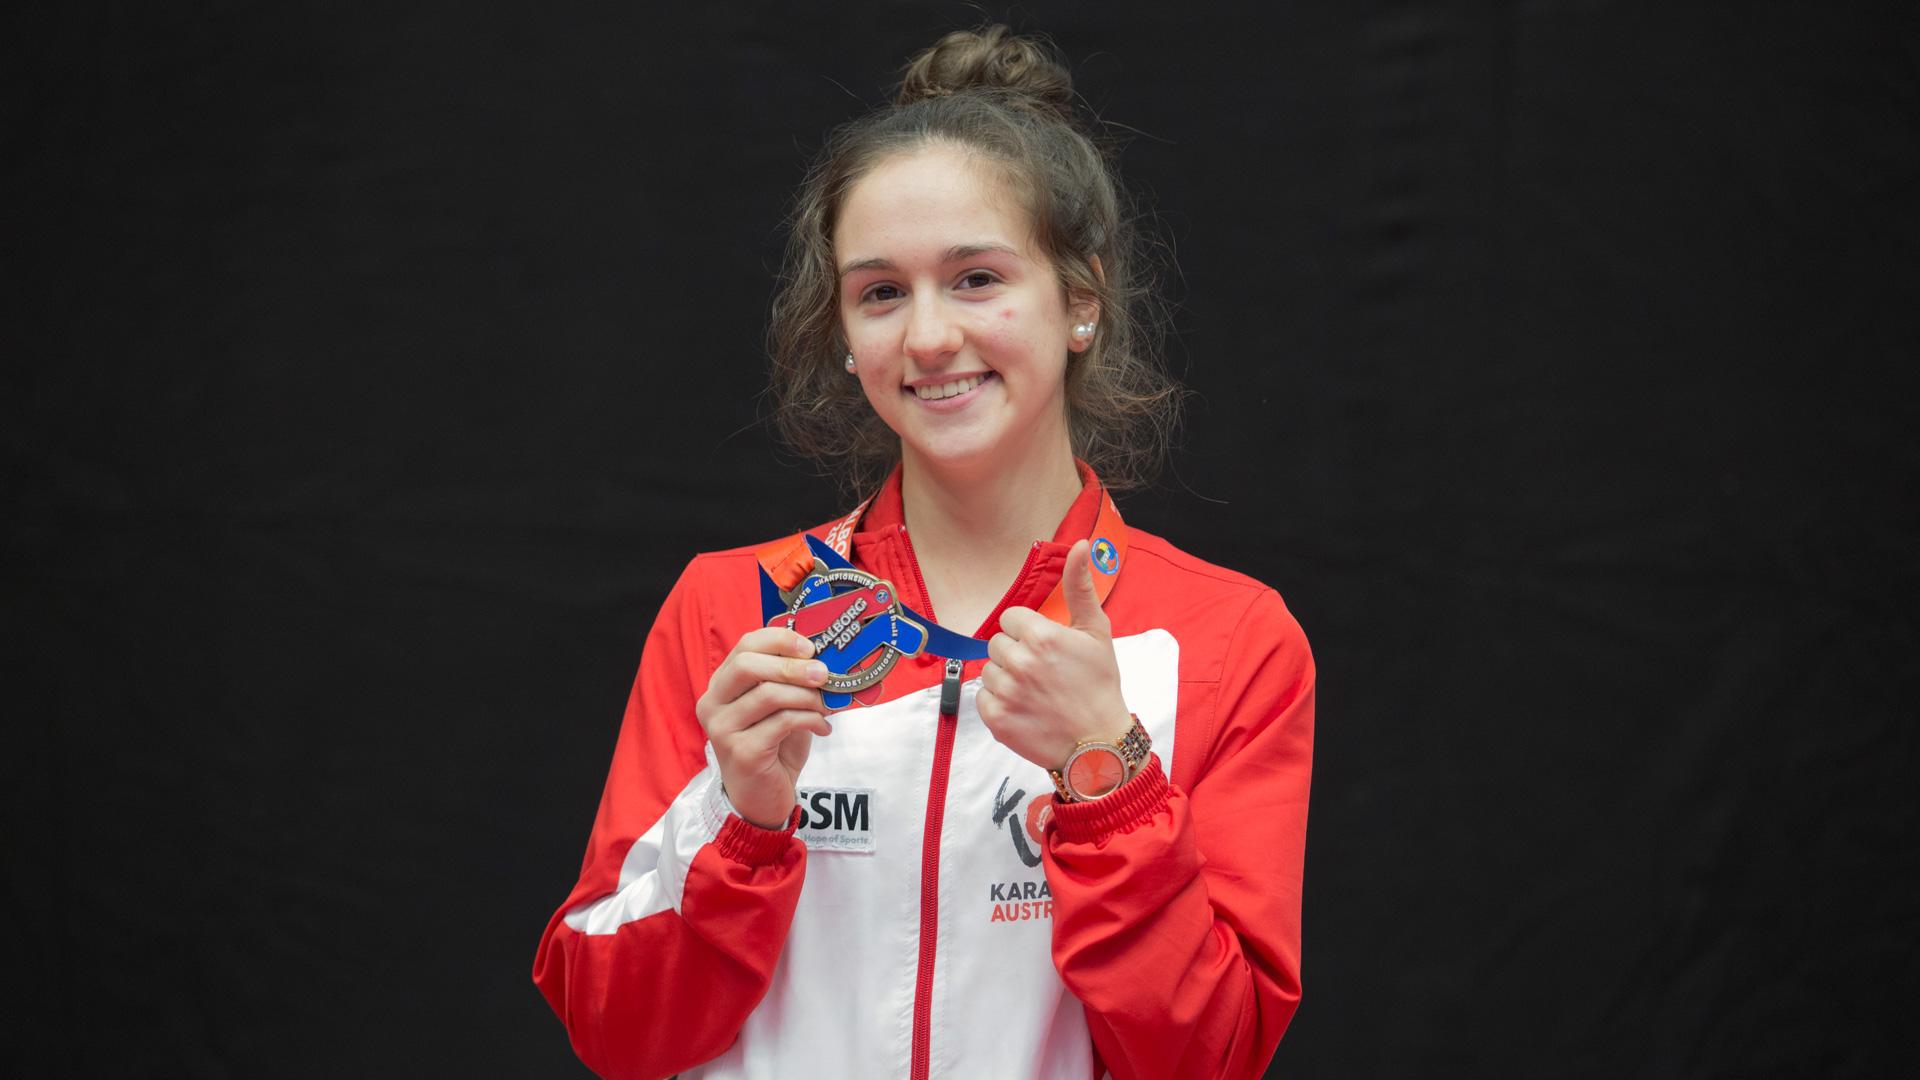 Aleksandra Grujic | EM | Budapest | Nachwuchsathleten | Karate